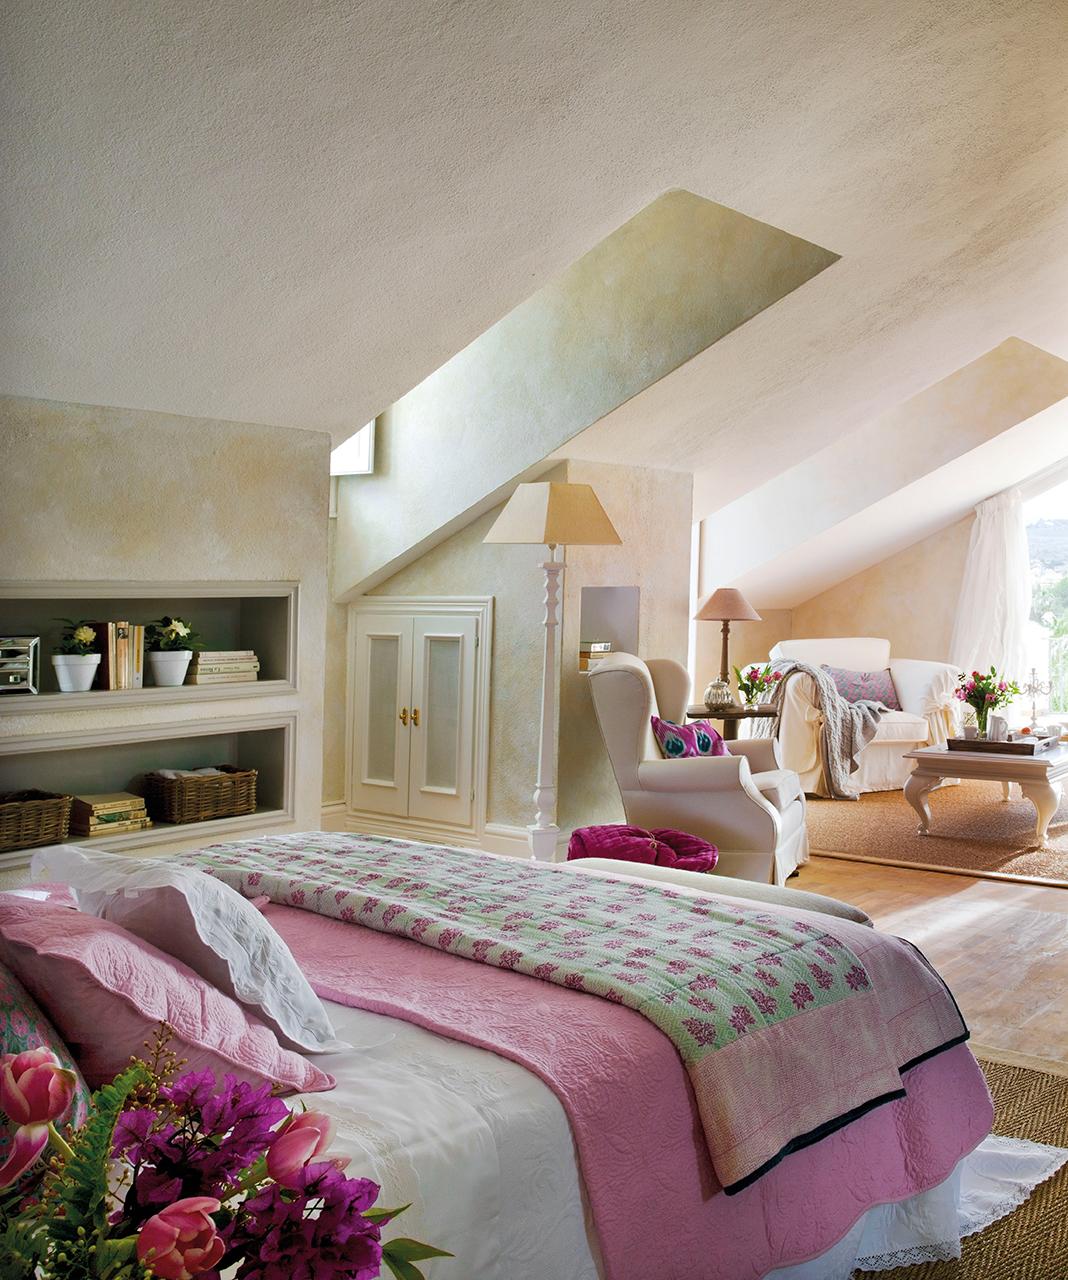 мансарда спальня кровать ниша кресло